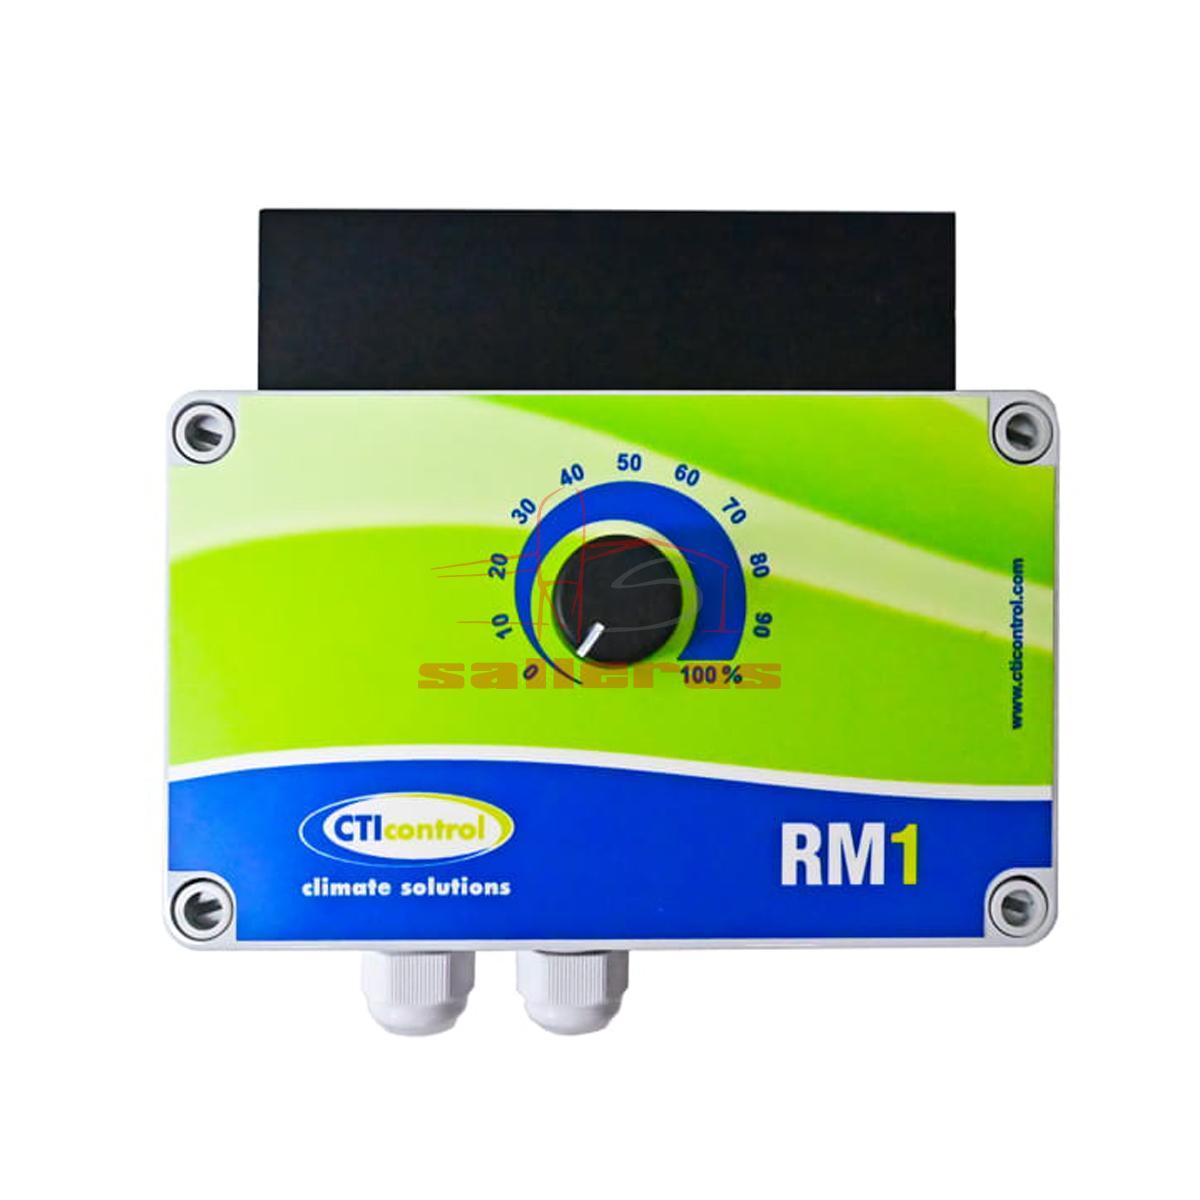 Regulador para una placa cti